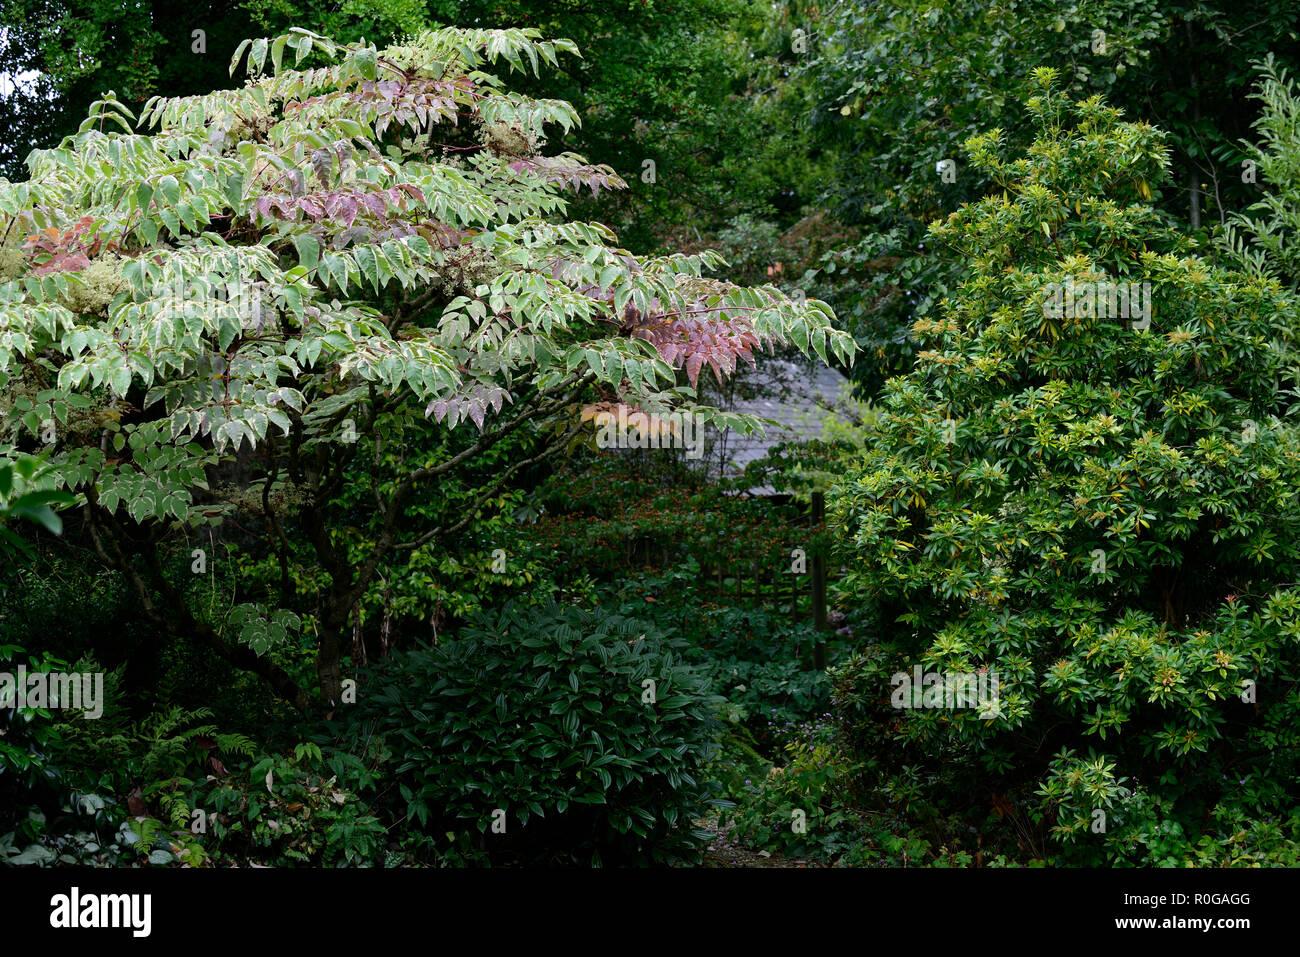 Aralia Elata Chinesische Engelwurz Baum Japanisch Koreanisch